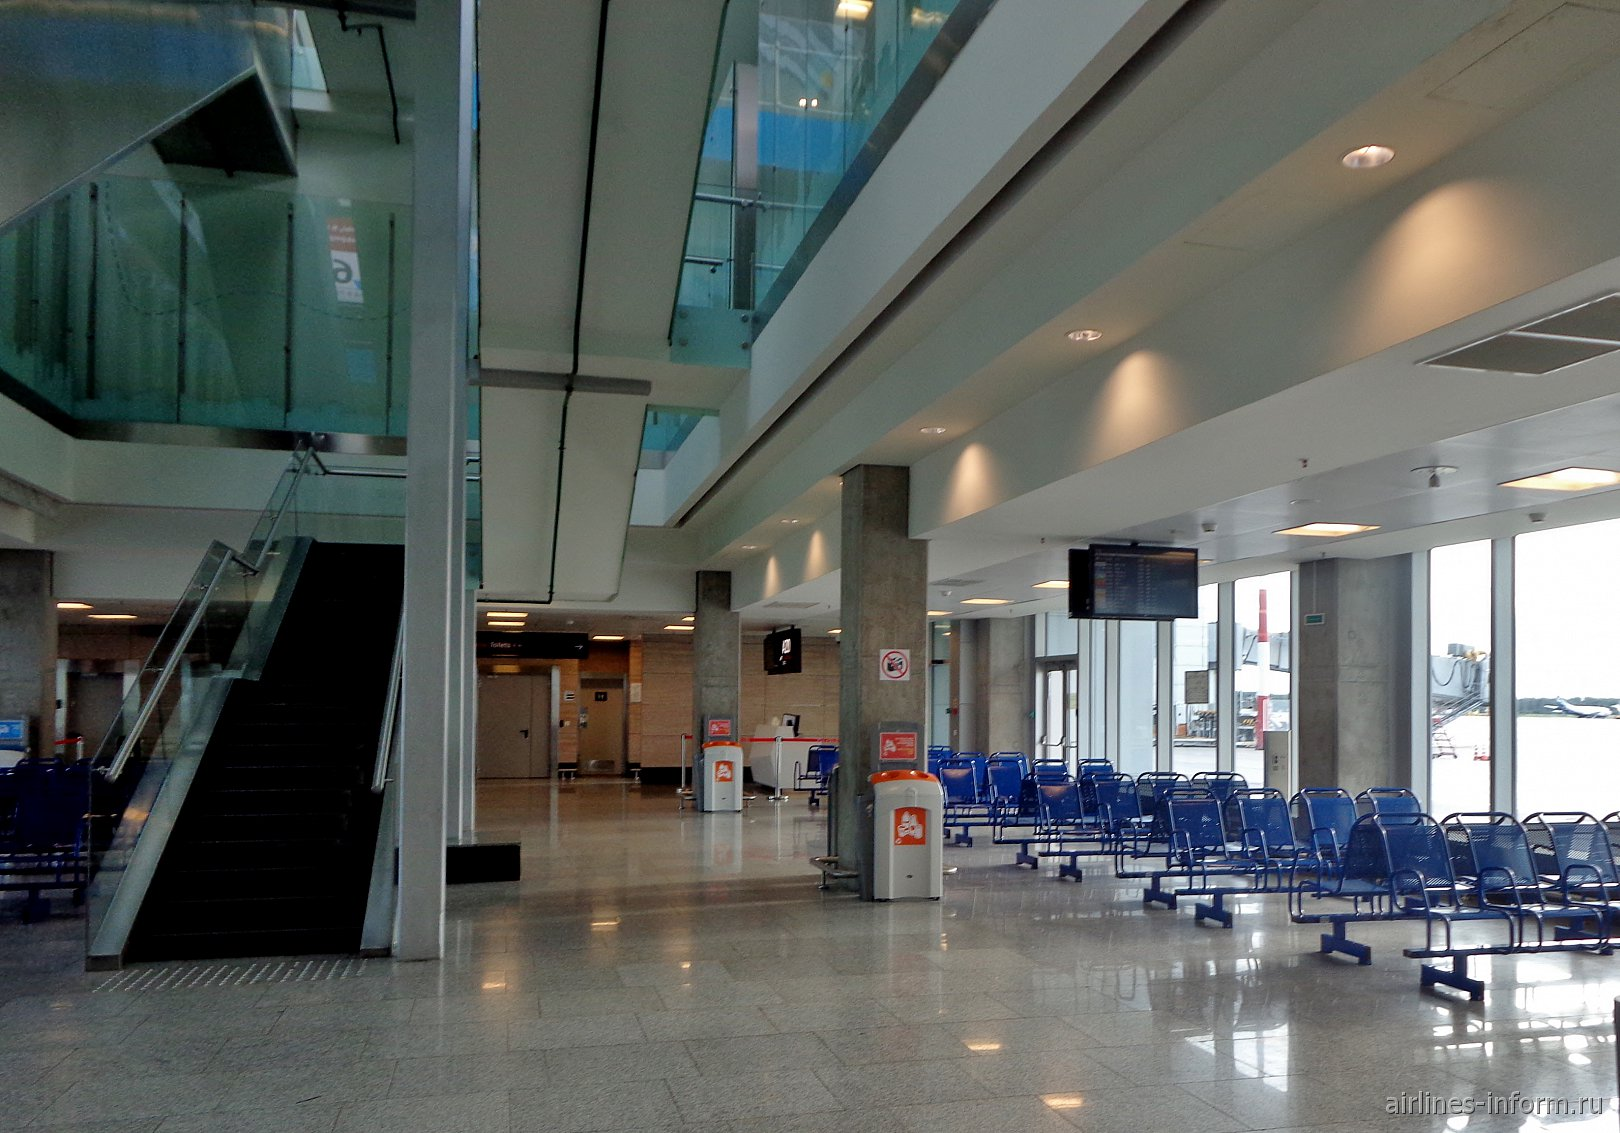 Накопитель на 1-м этаже посадочной галереи международных вылетов в аэропорту Пулково